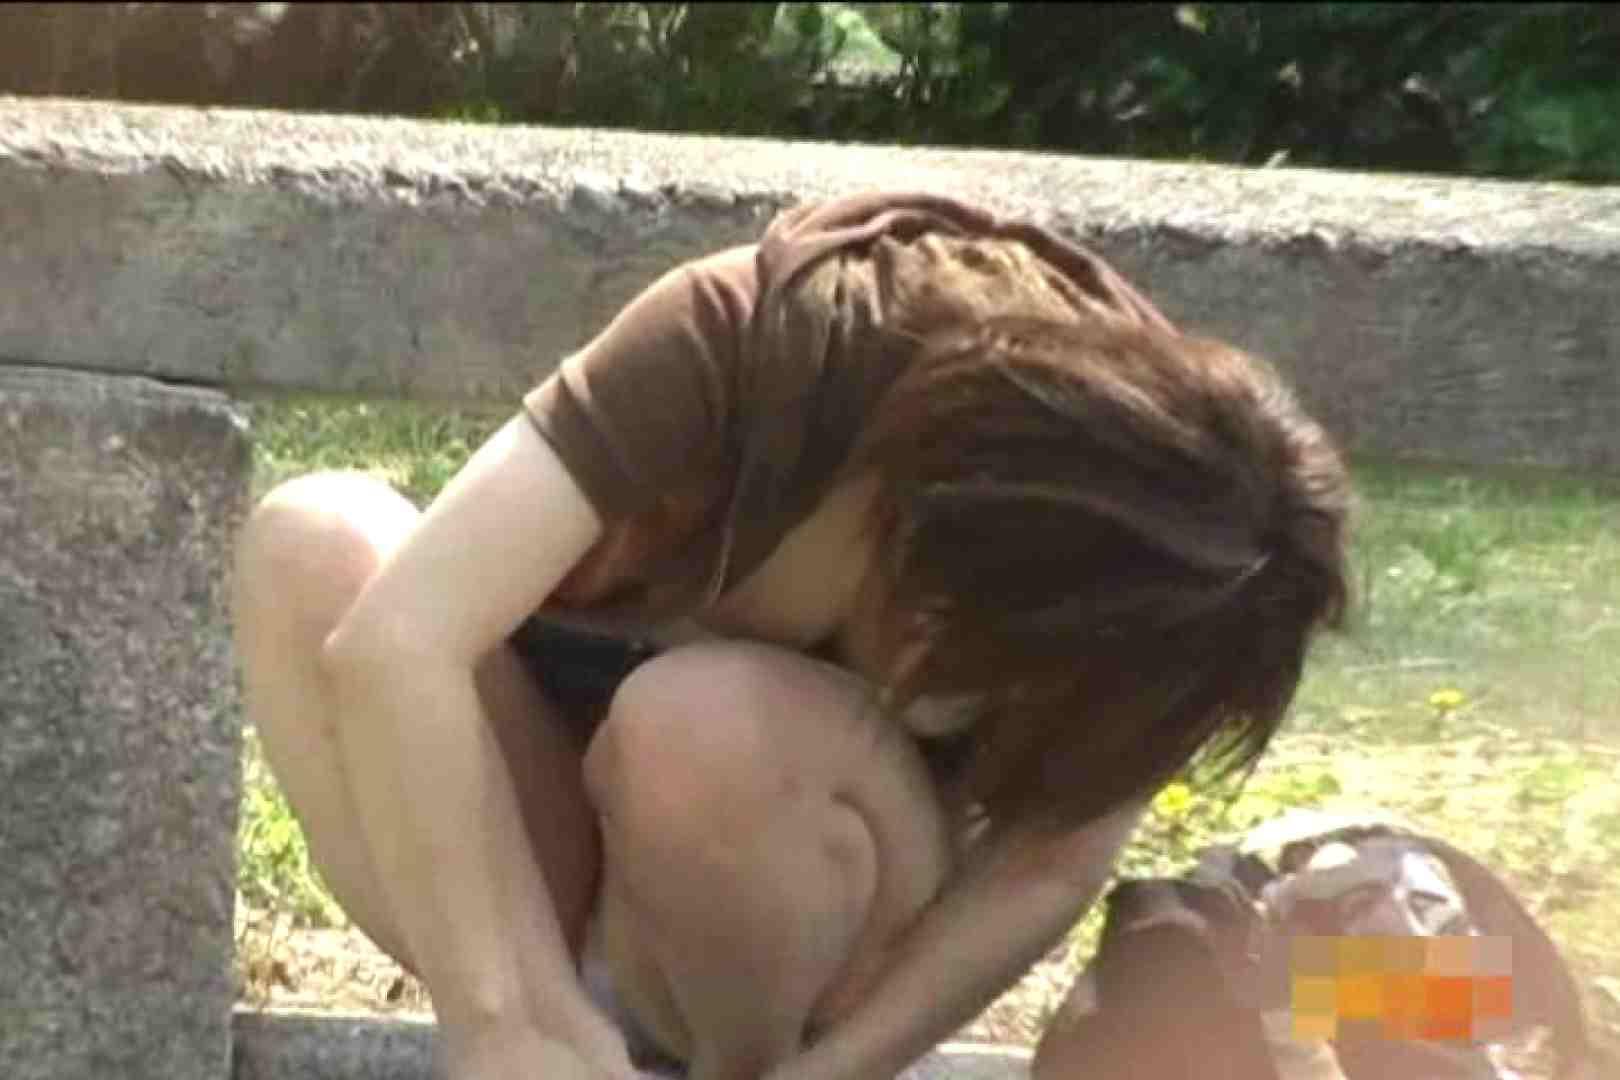 大胆露出胸チラギャル大量発生中!!Vol.1 美女OL オマンコ動画キャプチャ 30連発 8